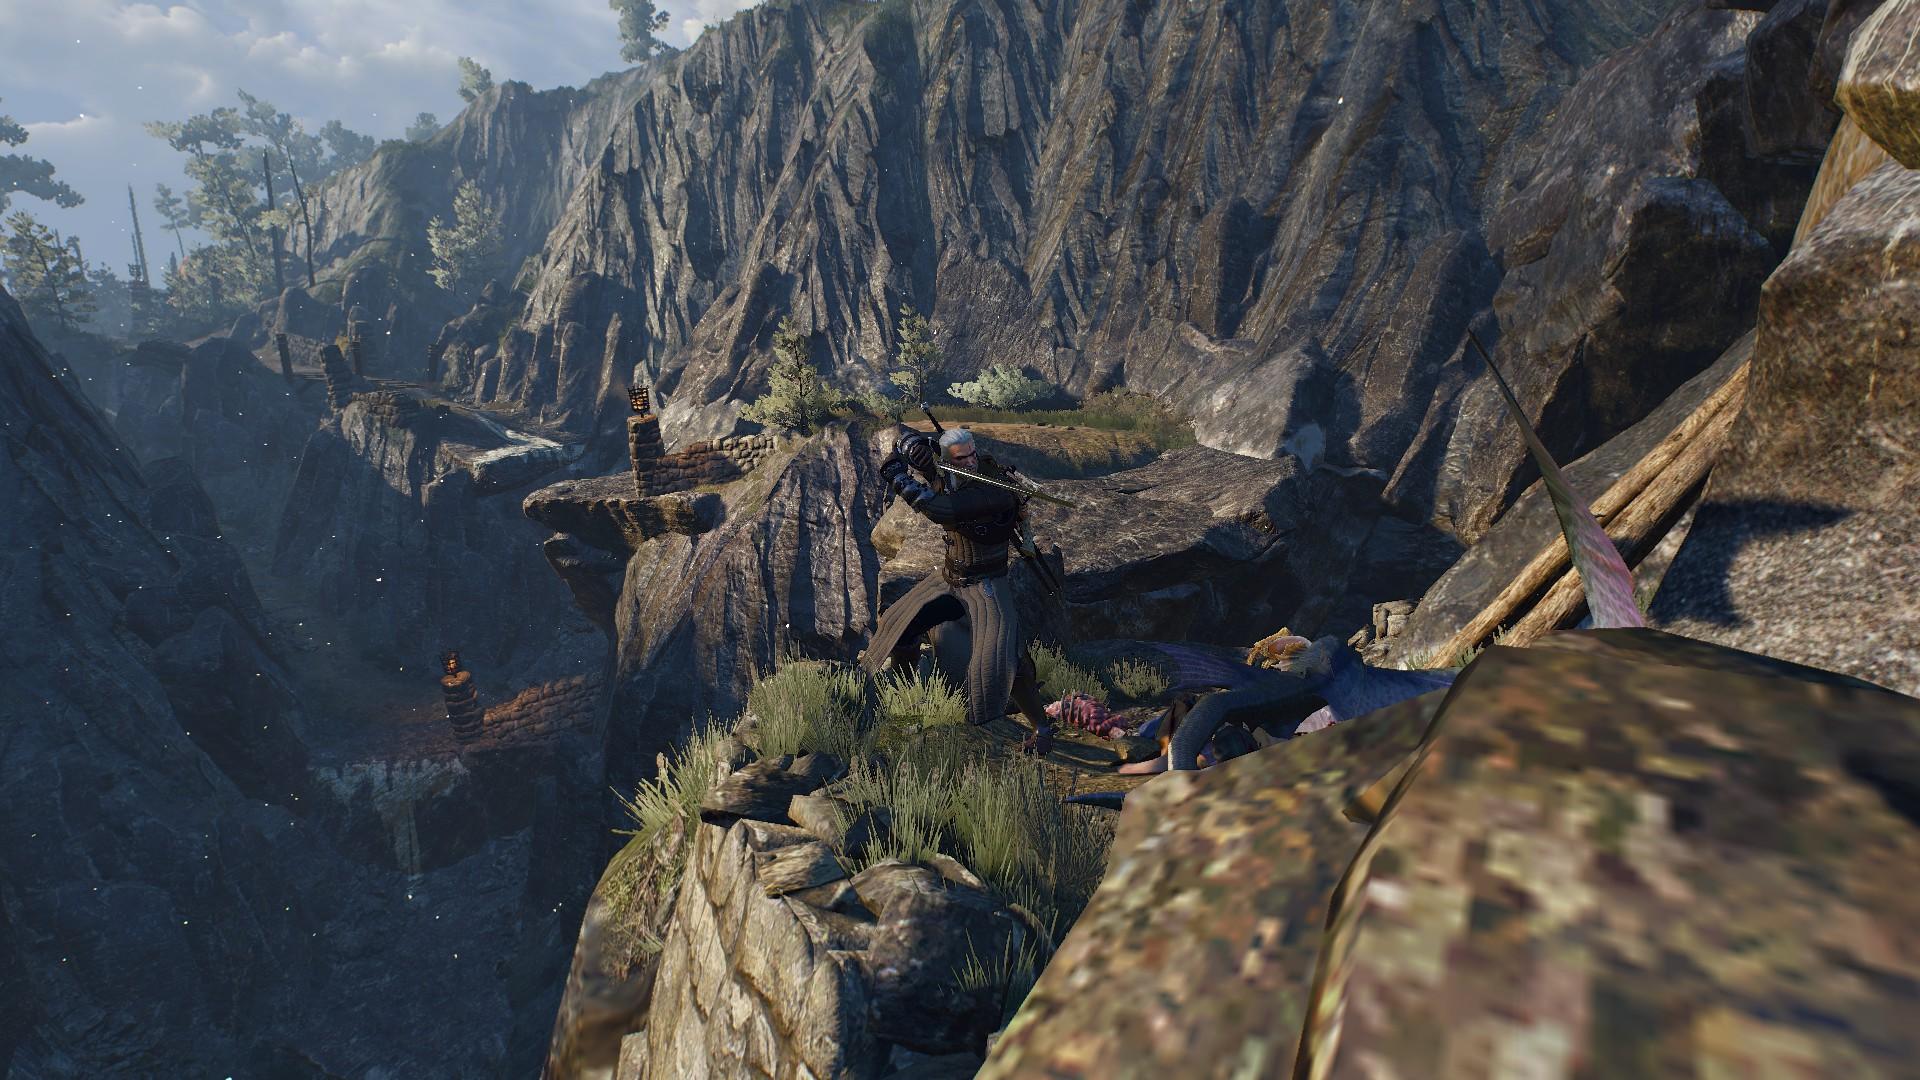 20170420144108_1.jpg - Witcher 3: Wild Hunt, the